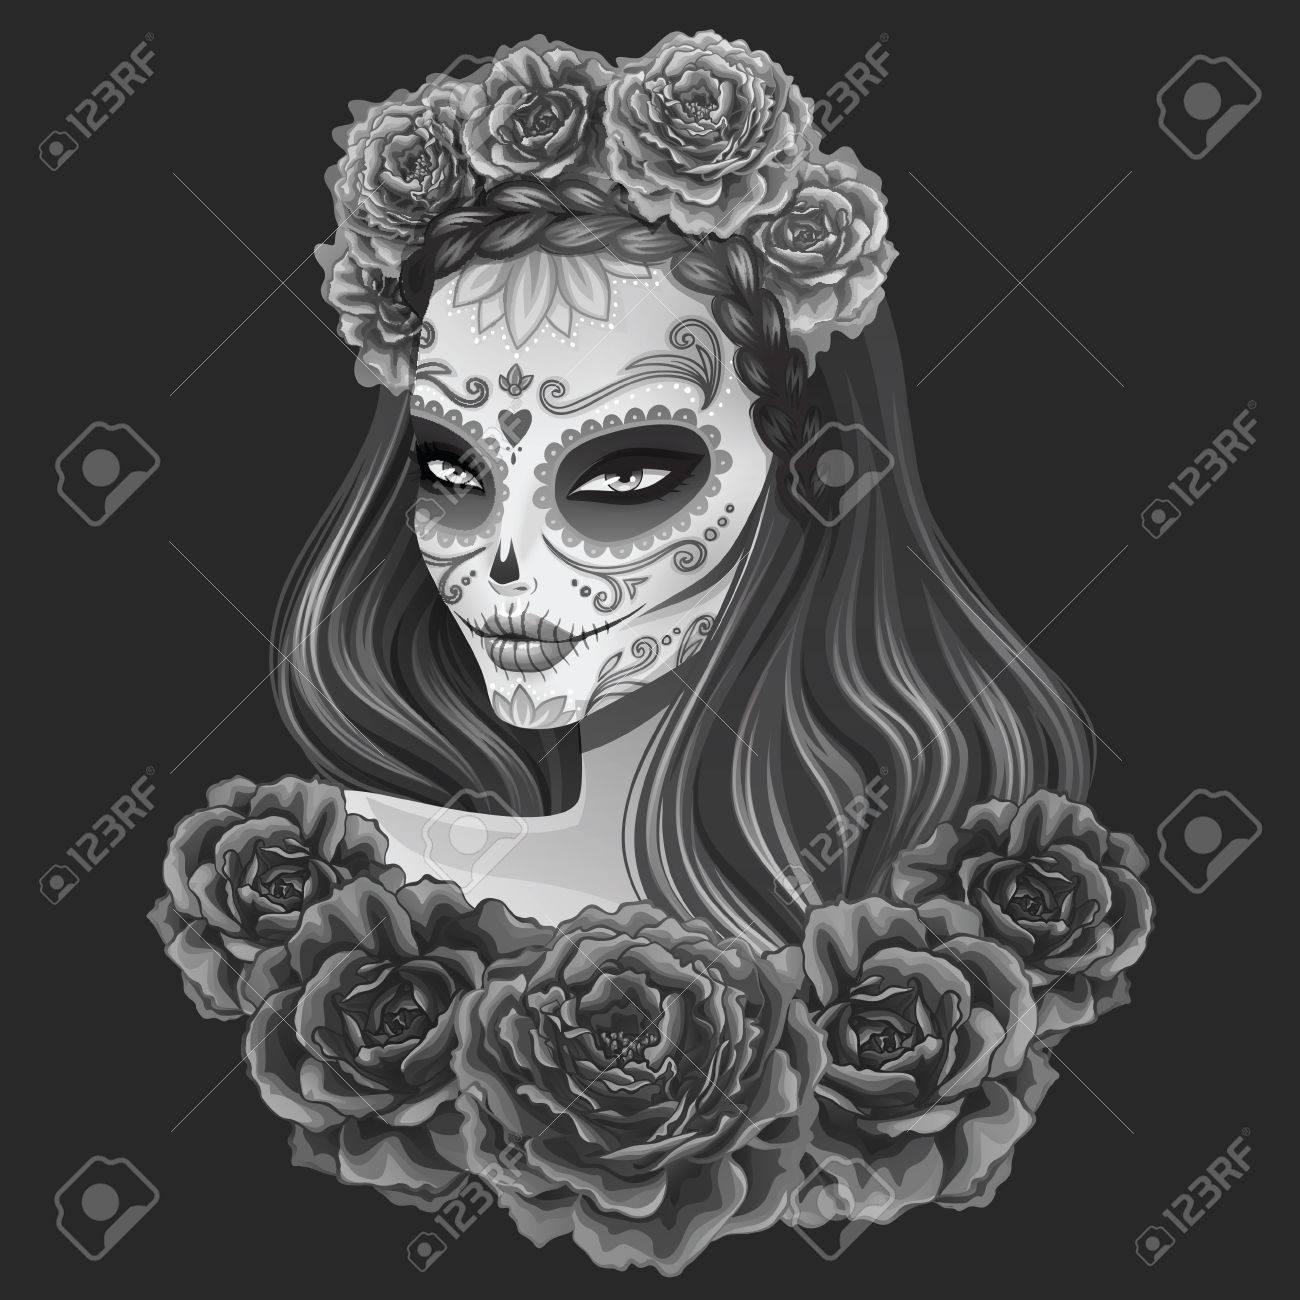 Beautiful sugar skull woman illustration. Day of dead vector illustration. - 52547413